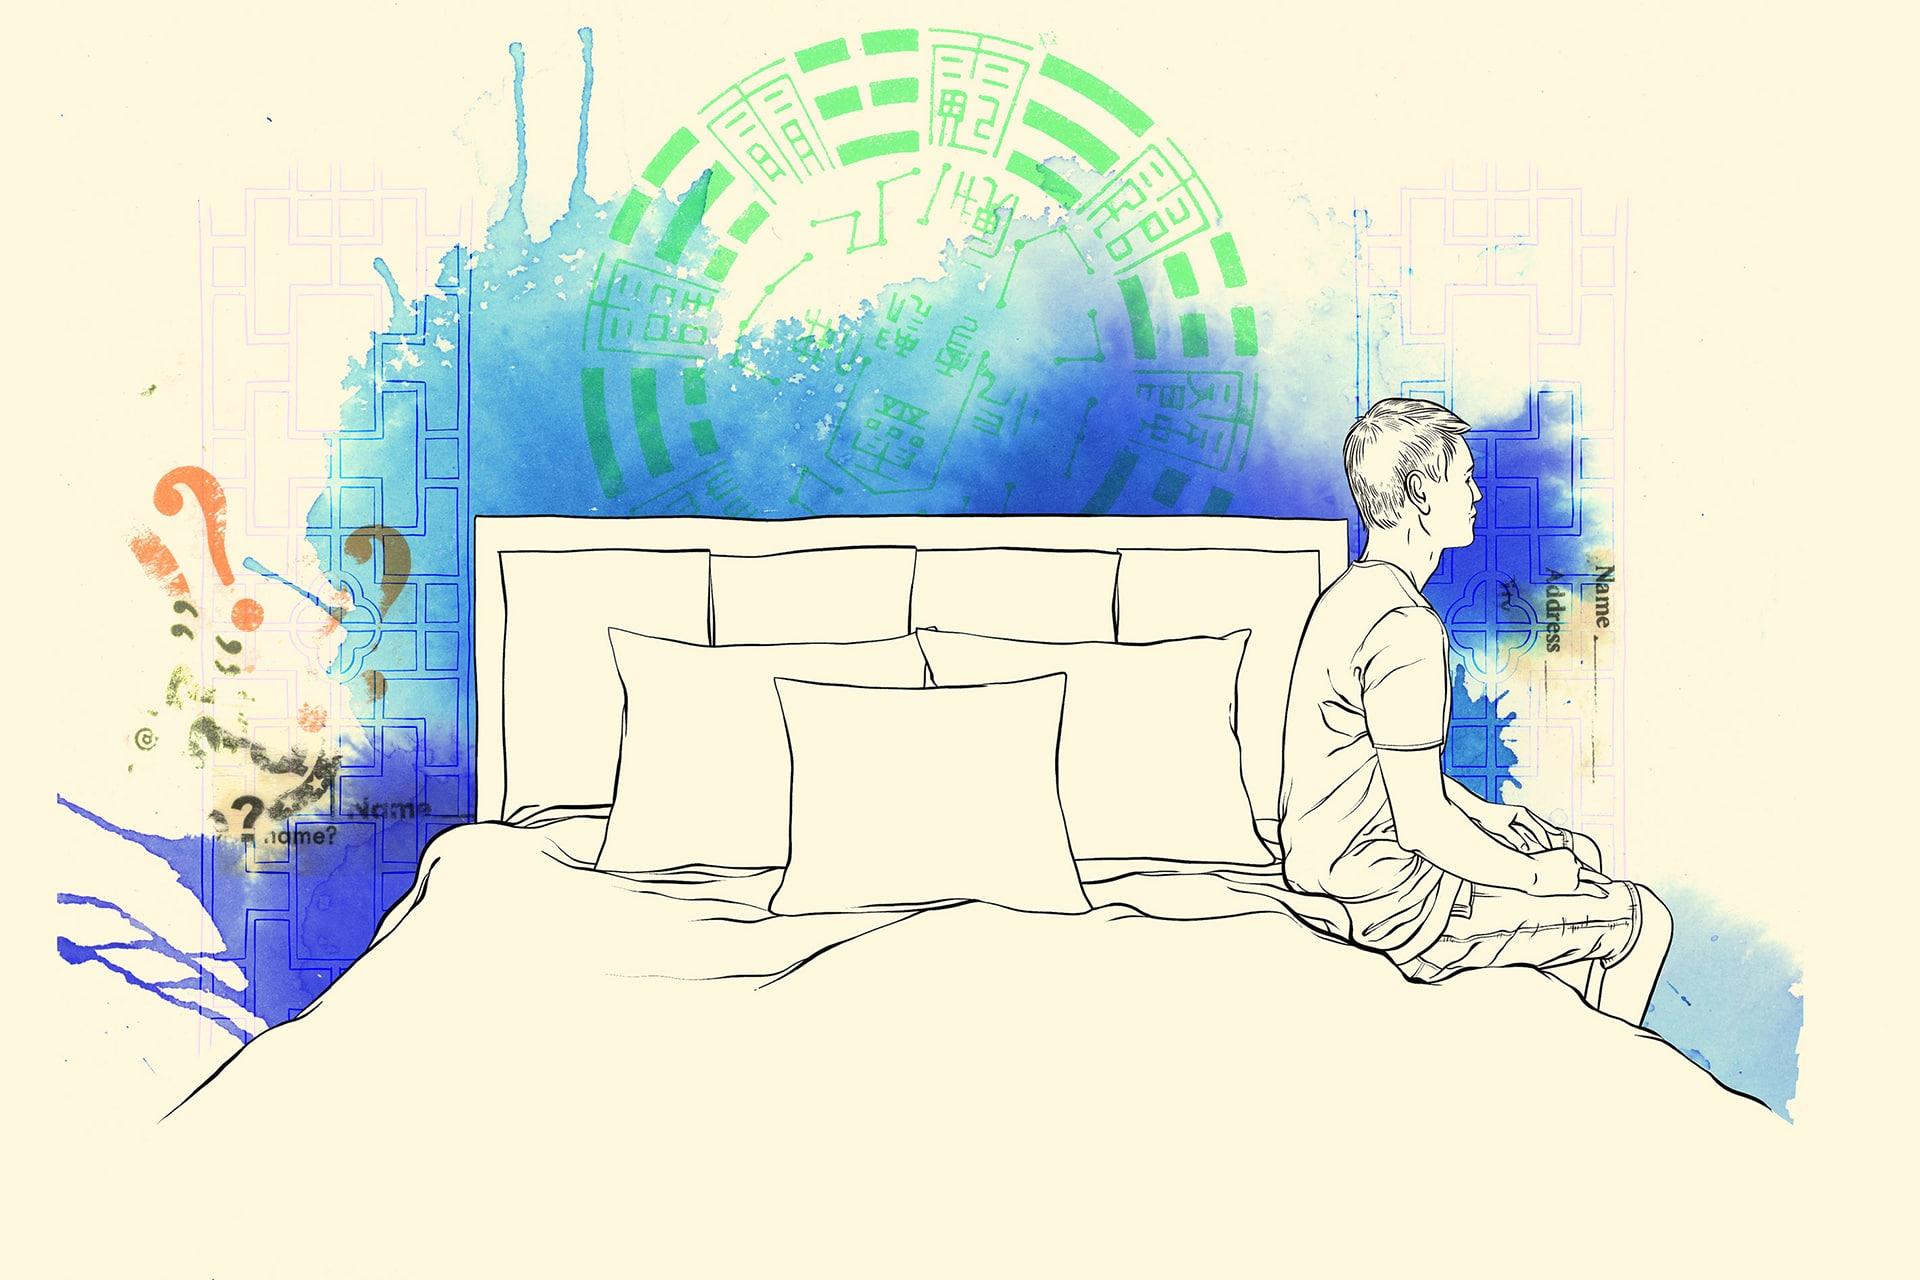 Illustration: Junge sitzt nachdenklich auf Bett